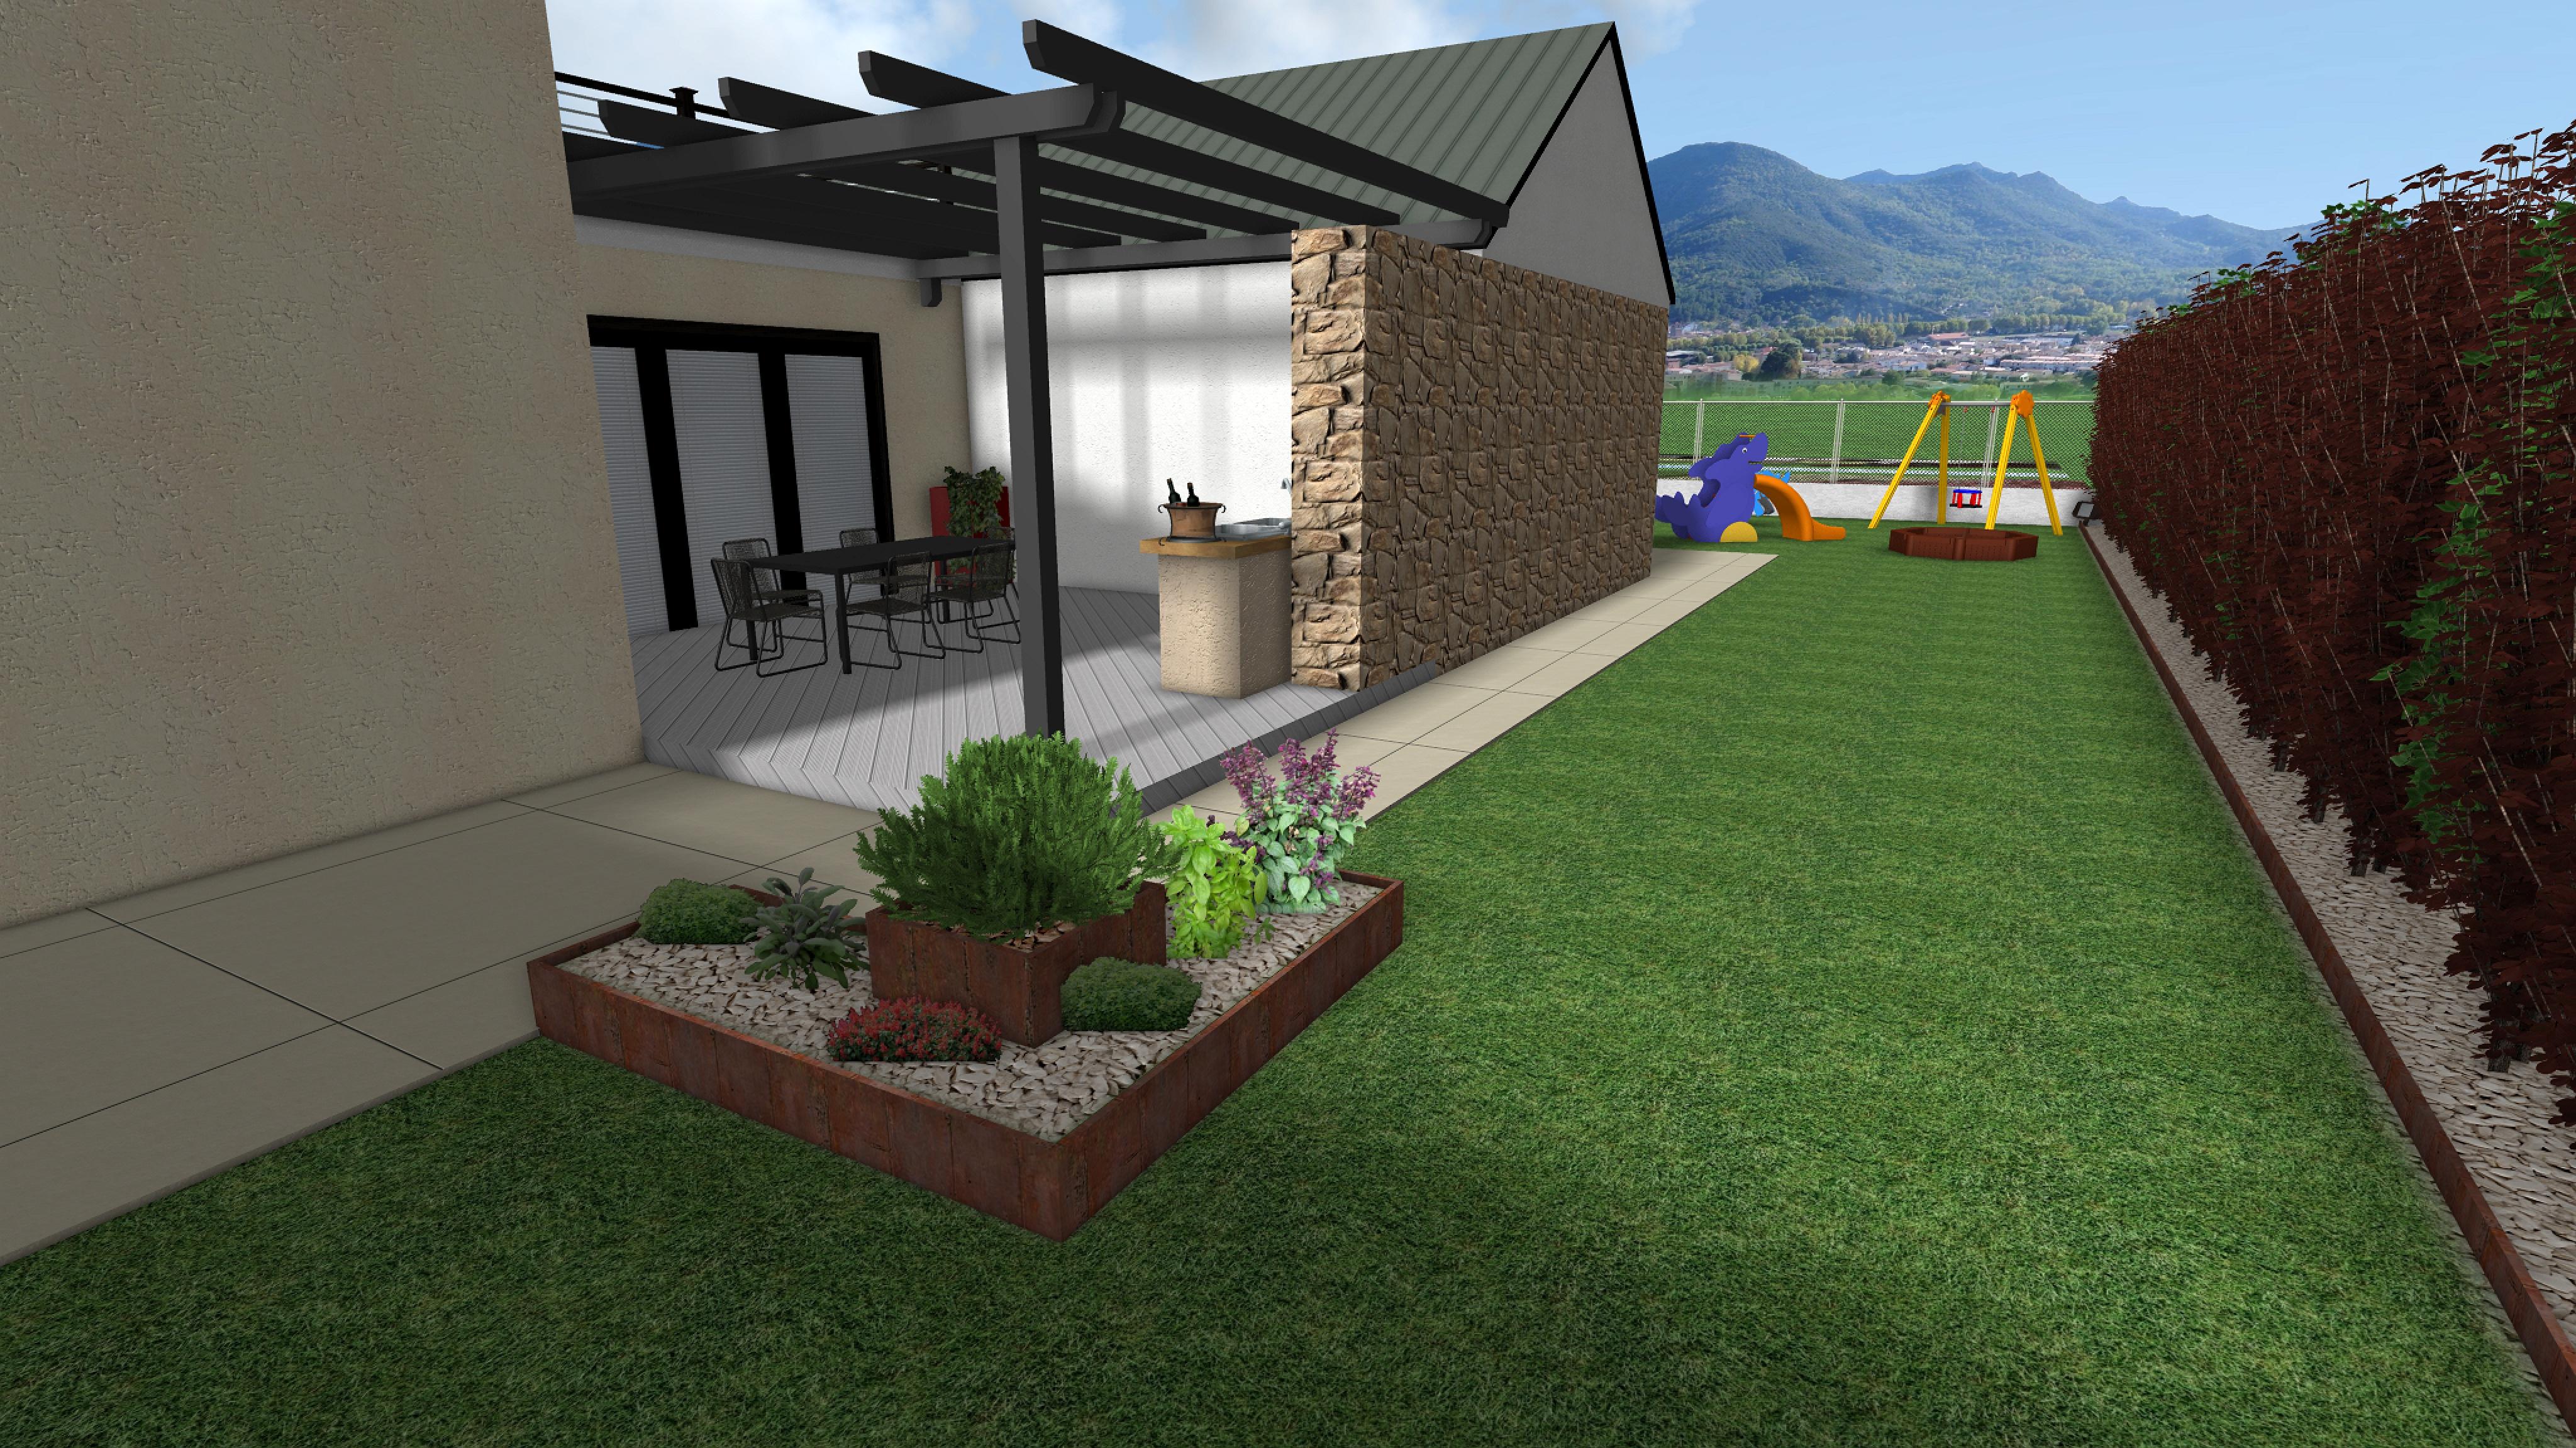 Progetto giardino 1 arkadia design - Progetto per giardino ...